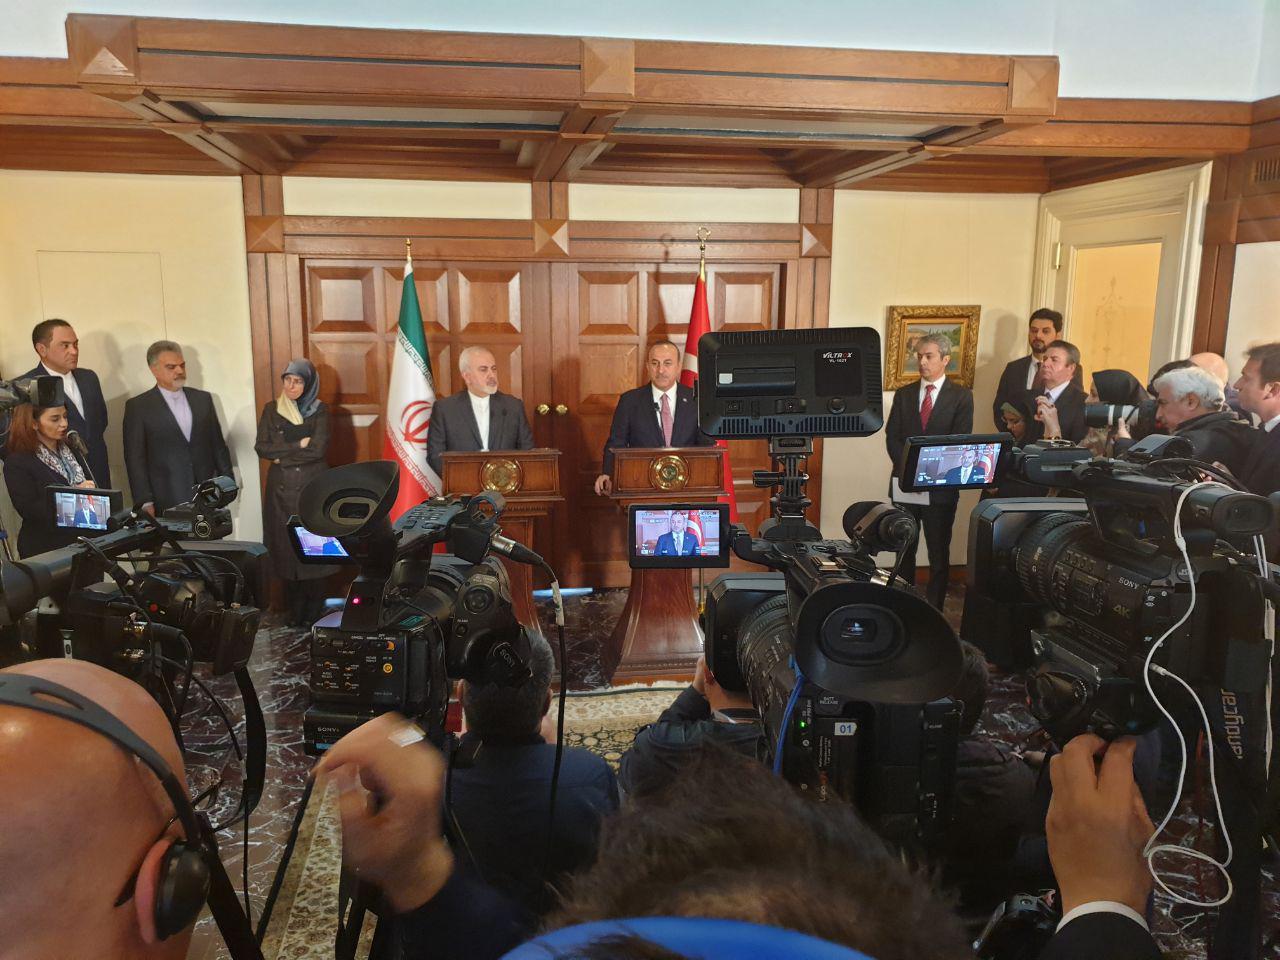 حضور وزراء خارج ایران و ترکیه در کنفرانس مطبوعاتی مشترک